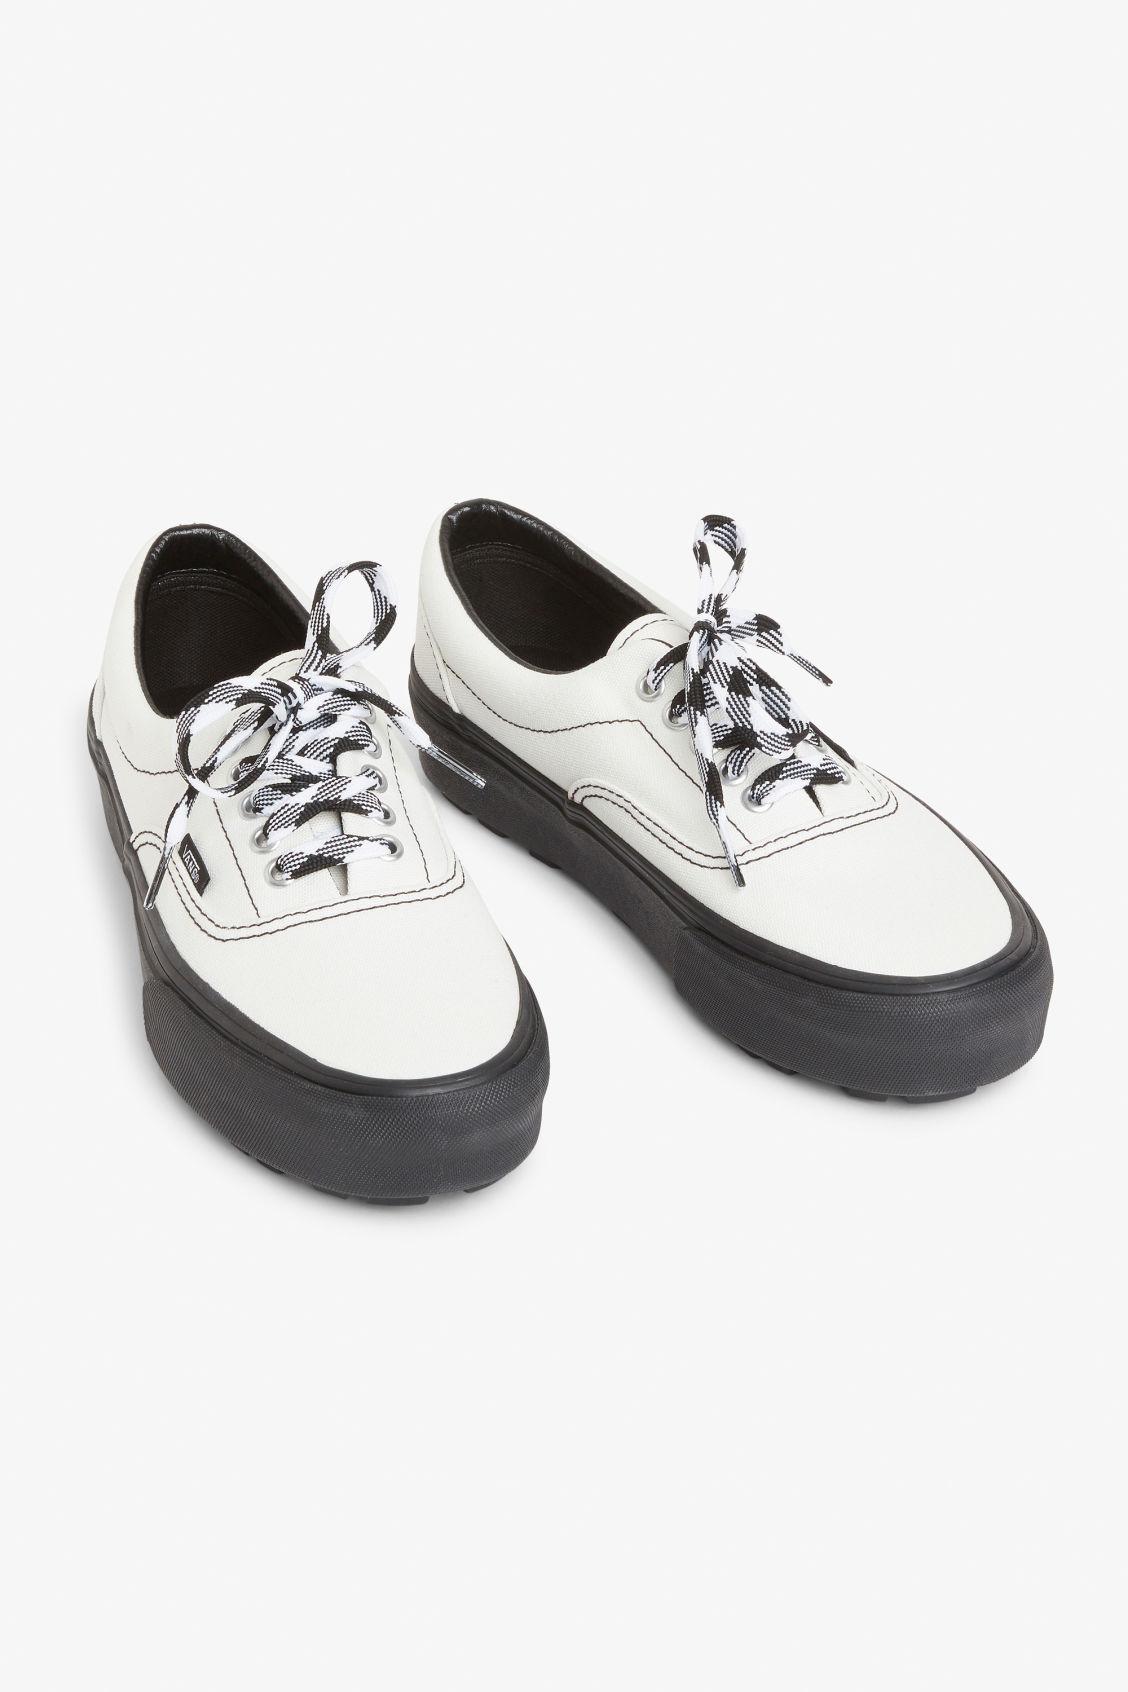 1d9f570533 Vans era 90s platforms - Cloud dancer - Shoes - Monki